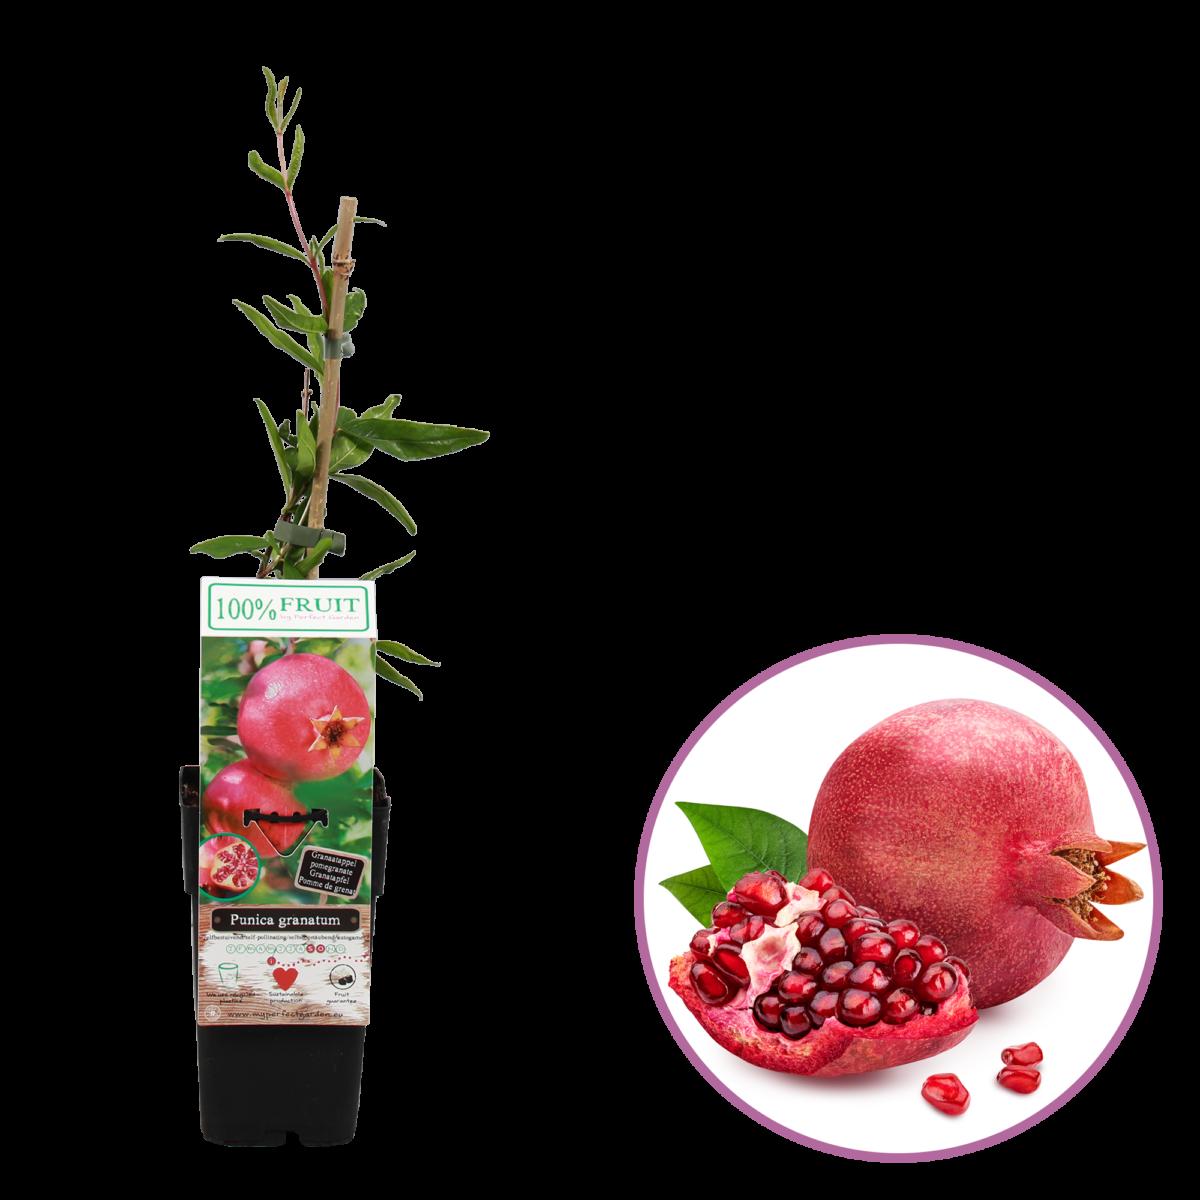 boskoopsefruitbomen | Punica | granaatappel